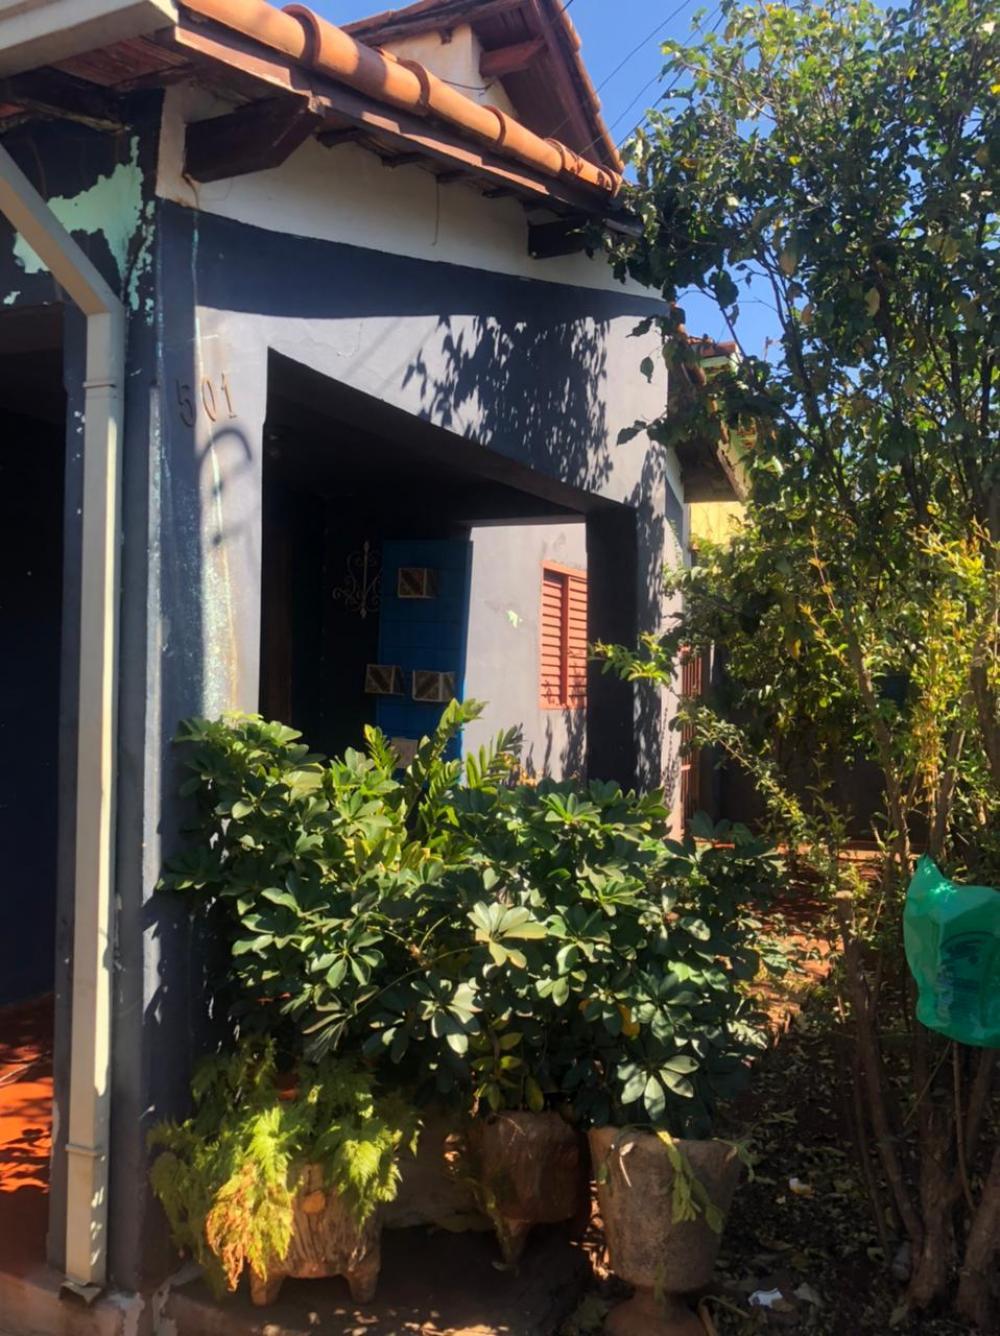 Comprar Casa / Padrão em Ribeirão Preto R$ 270.000,00 - Foto 3